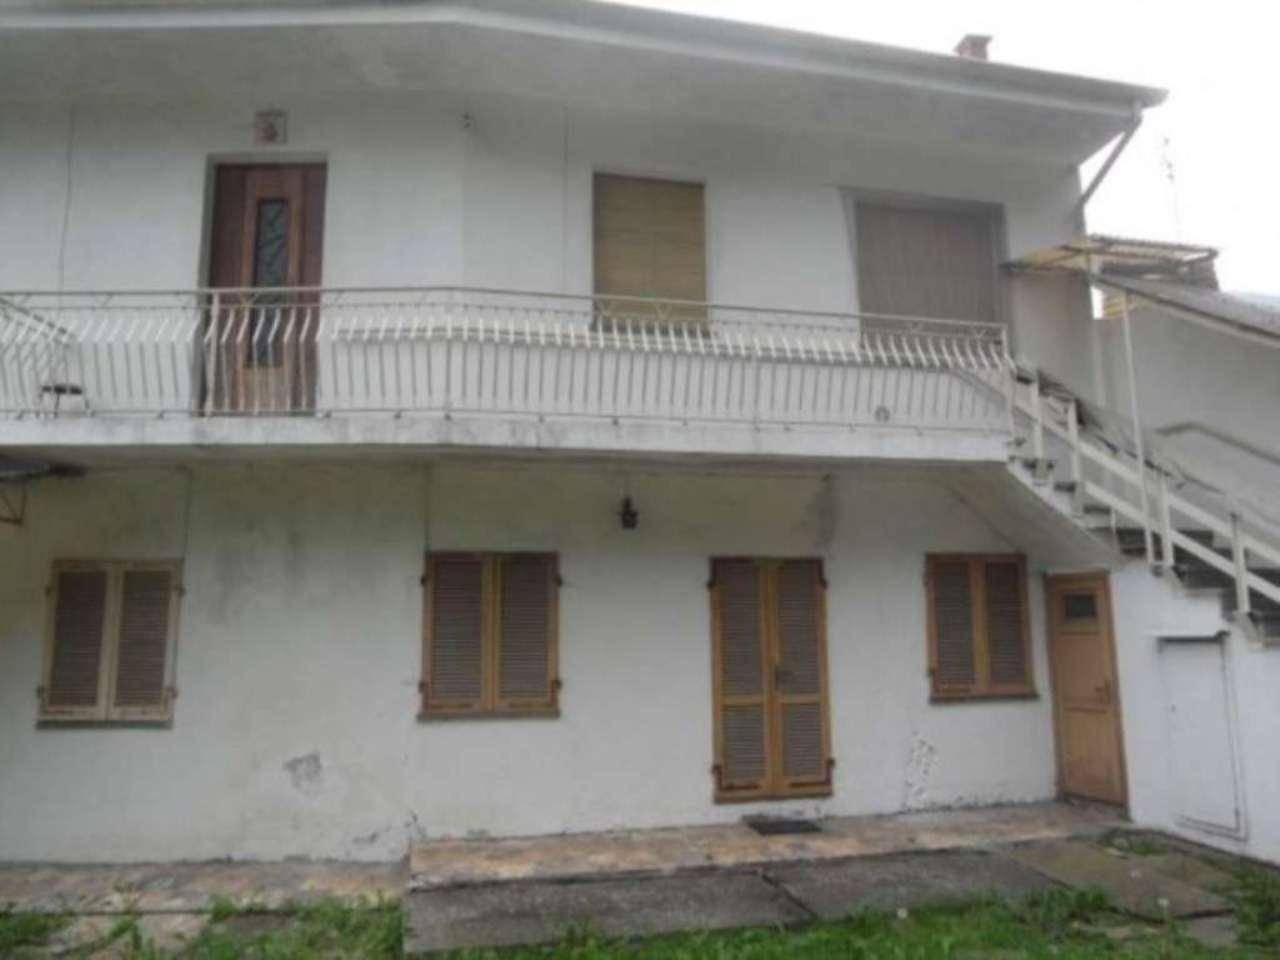 Appartamento in vendita a Barge, 3 locali, prezzo € 40.000 | Cambio Casa.it